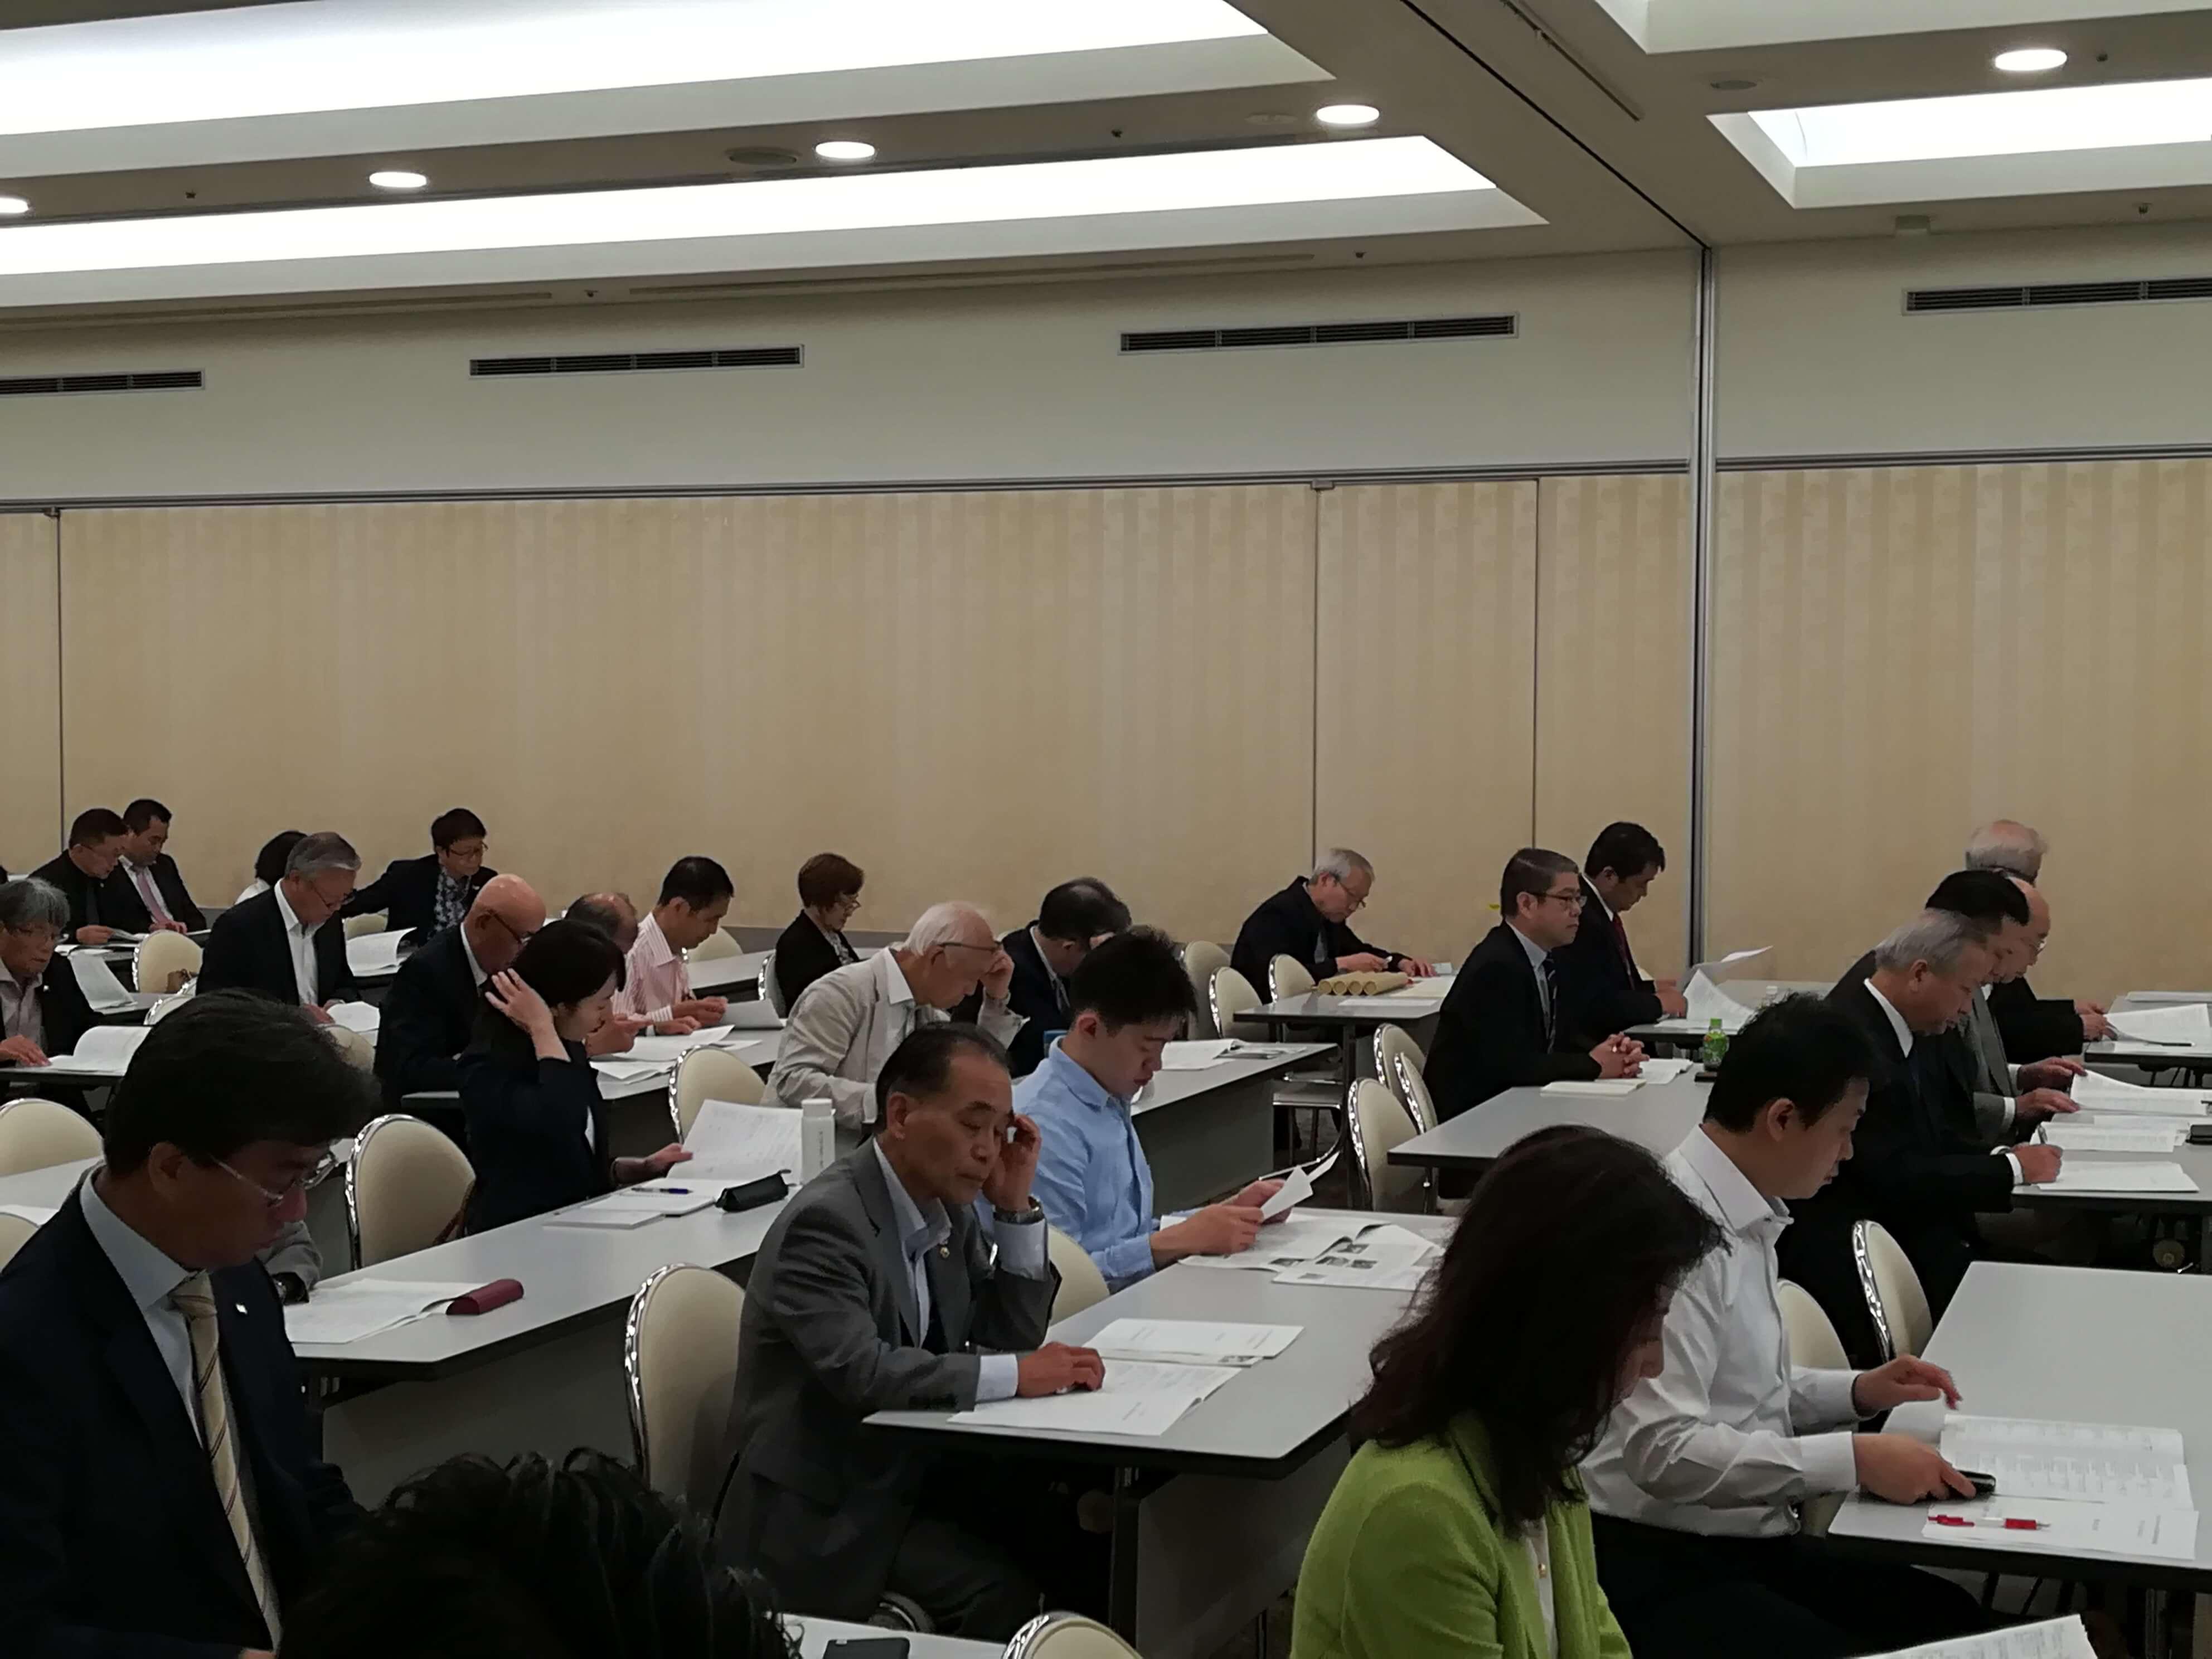 写真で見る「東京都日中」年次総会開催光景~新たな1年課題乗越え未来に向けてスタート